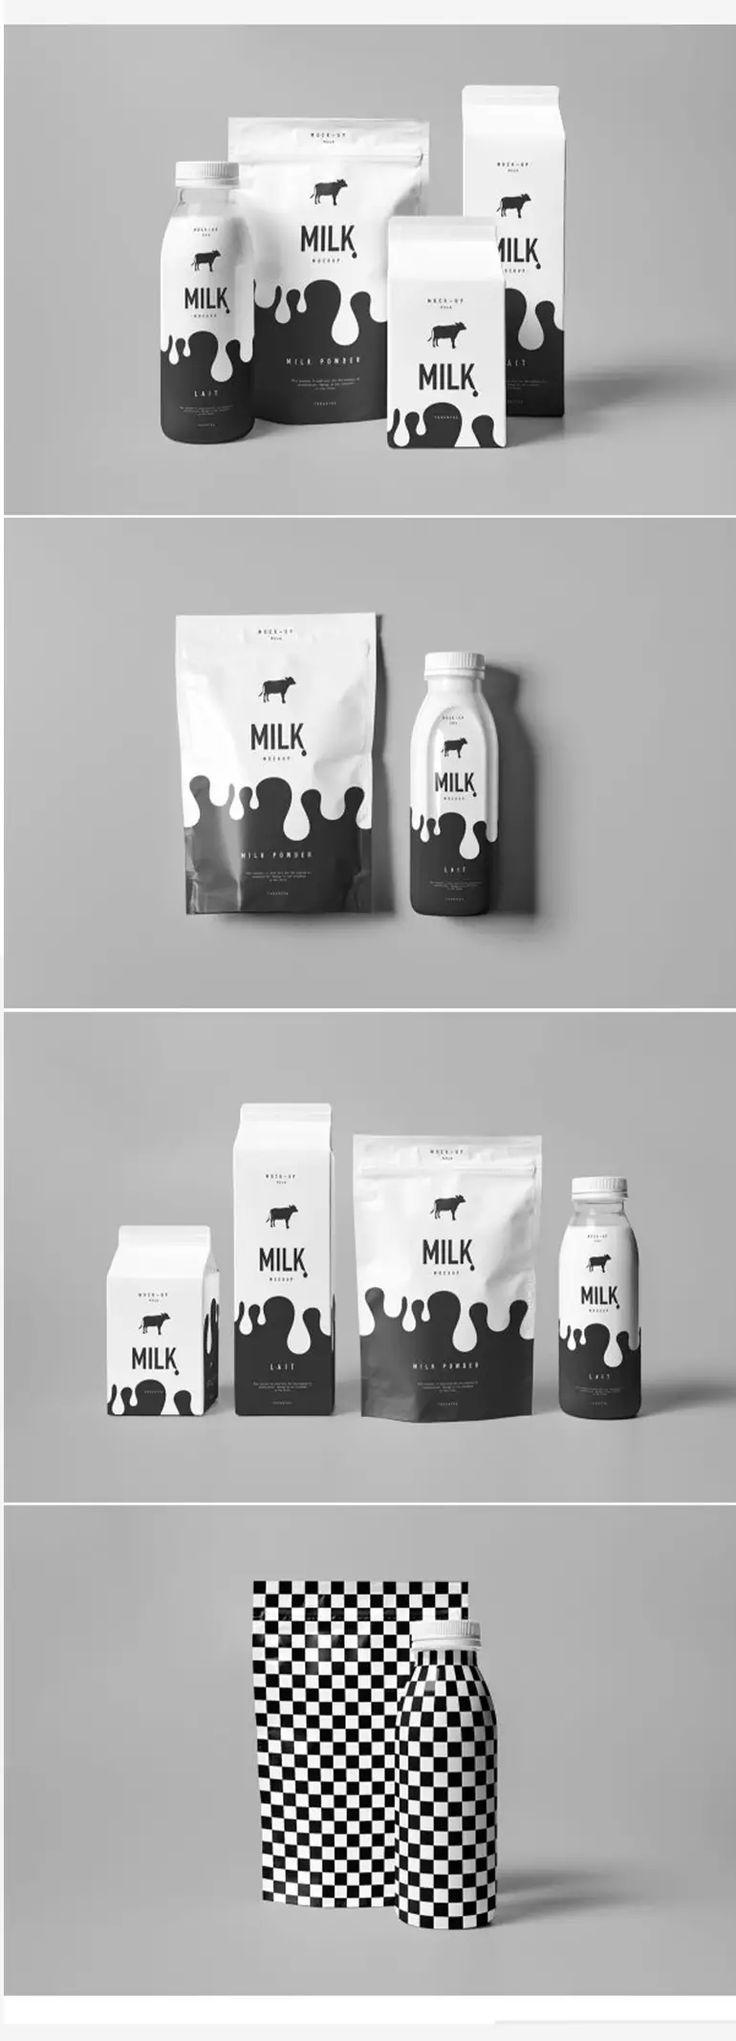 дизайн упаковки молока, разработка этикетки молока, дизайн молочной продукции украина